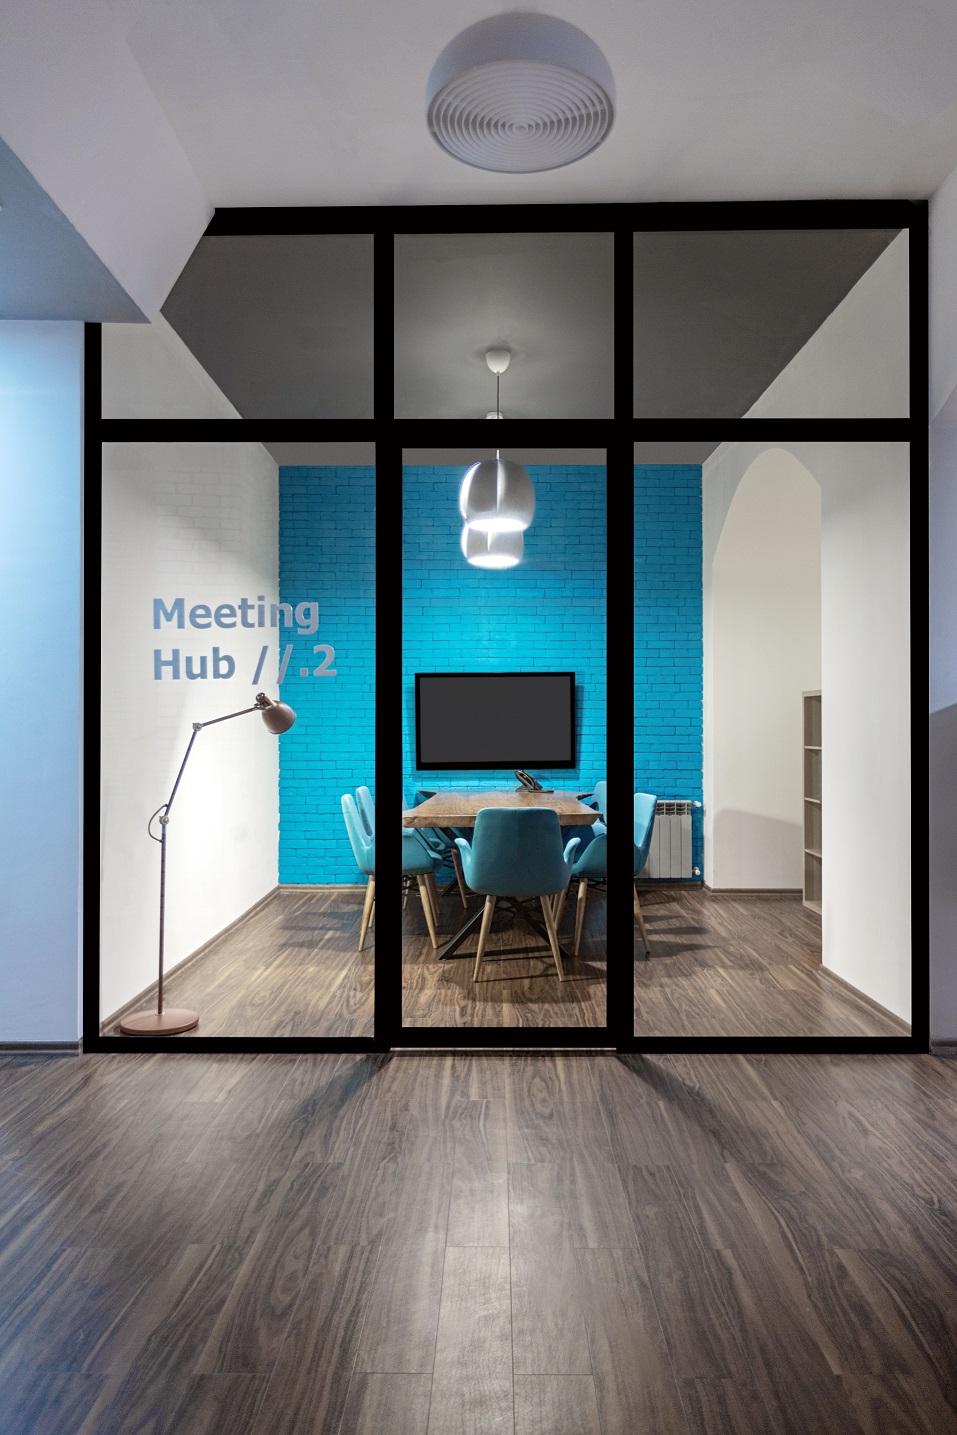 The Office, Baku